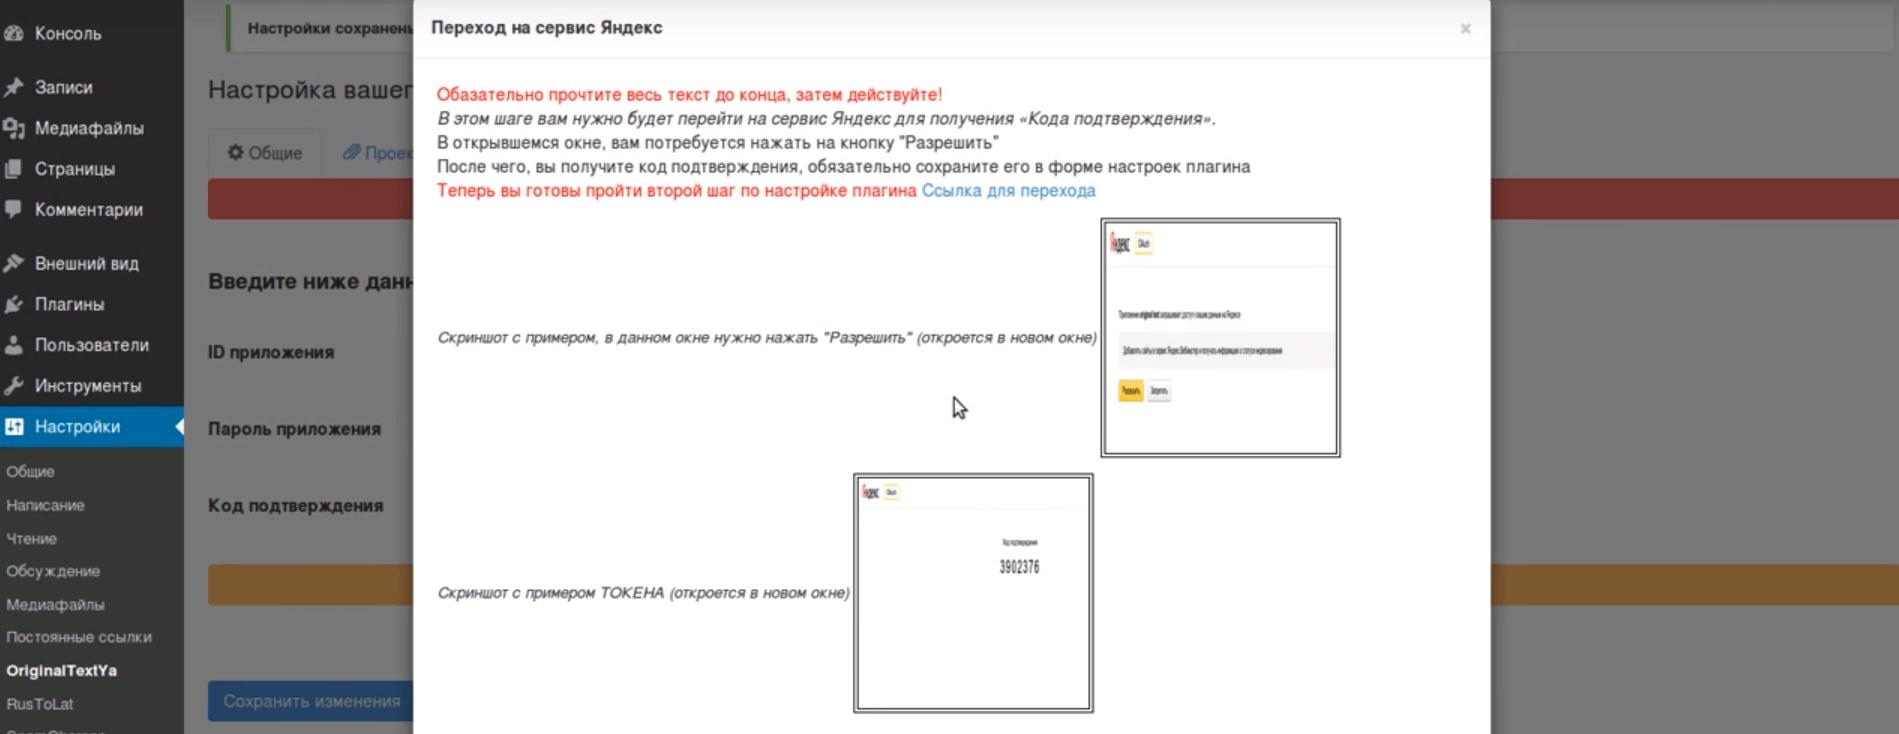 Установка плагина Original texts Yandex WebMaster Инструкция